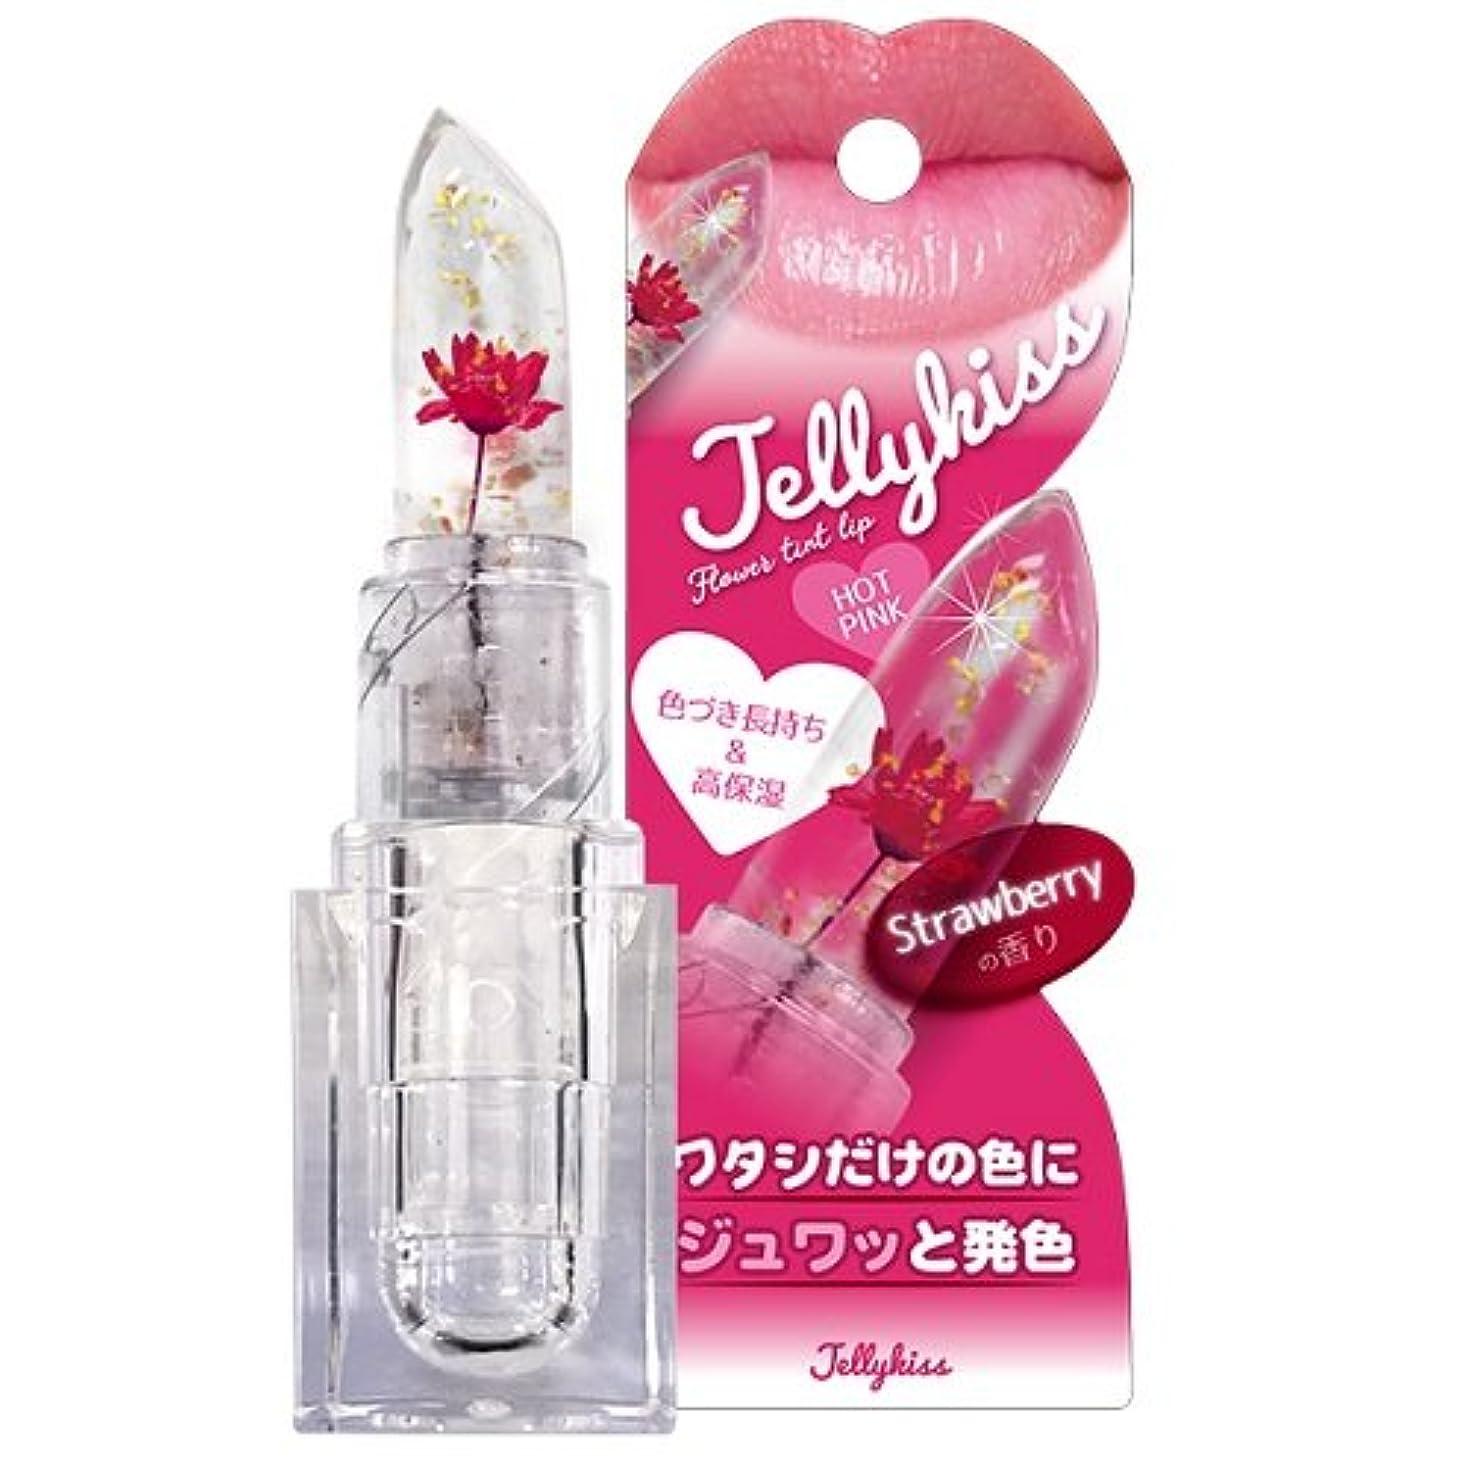 勧める氏より多いジェリキス (Jelly kiss) 01 ホットピンク 3.5g